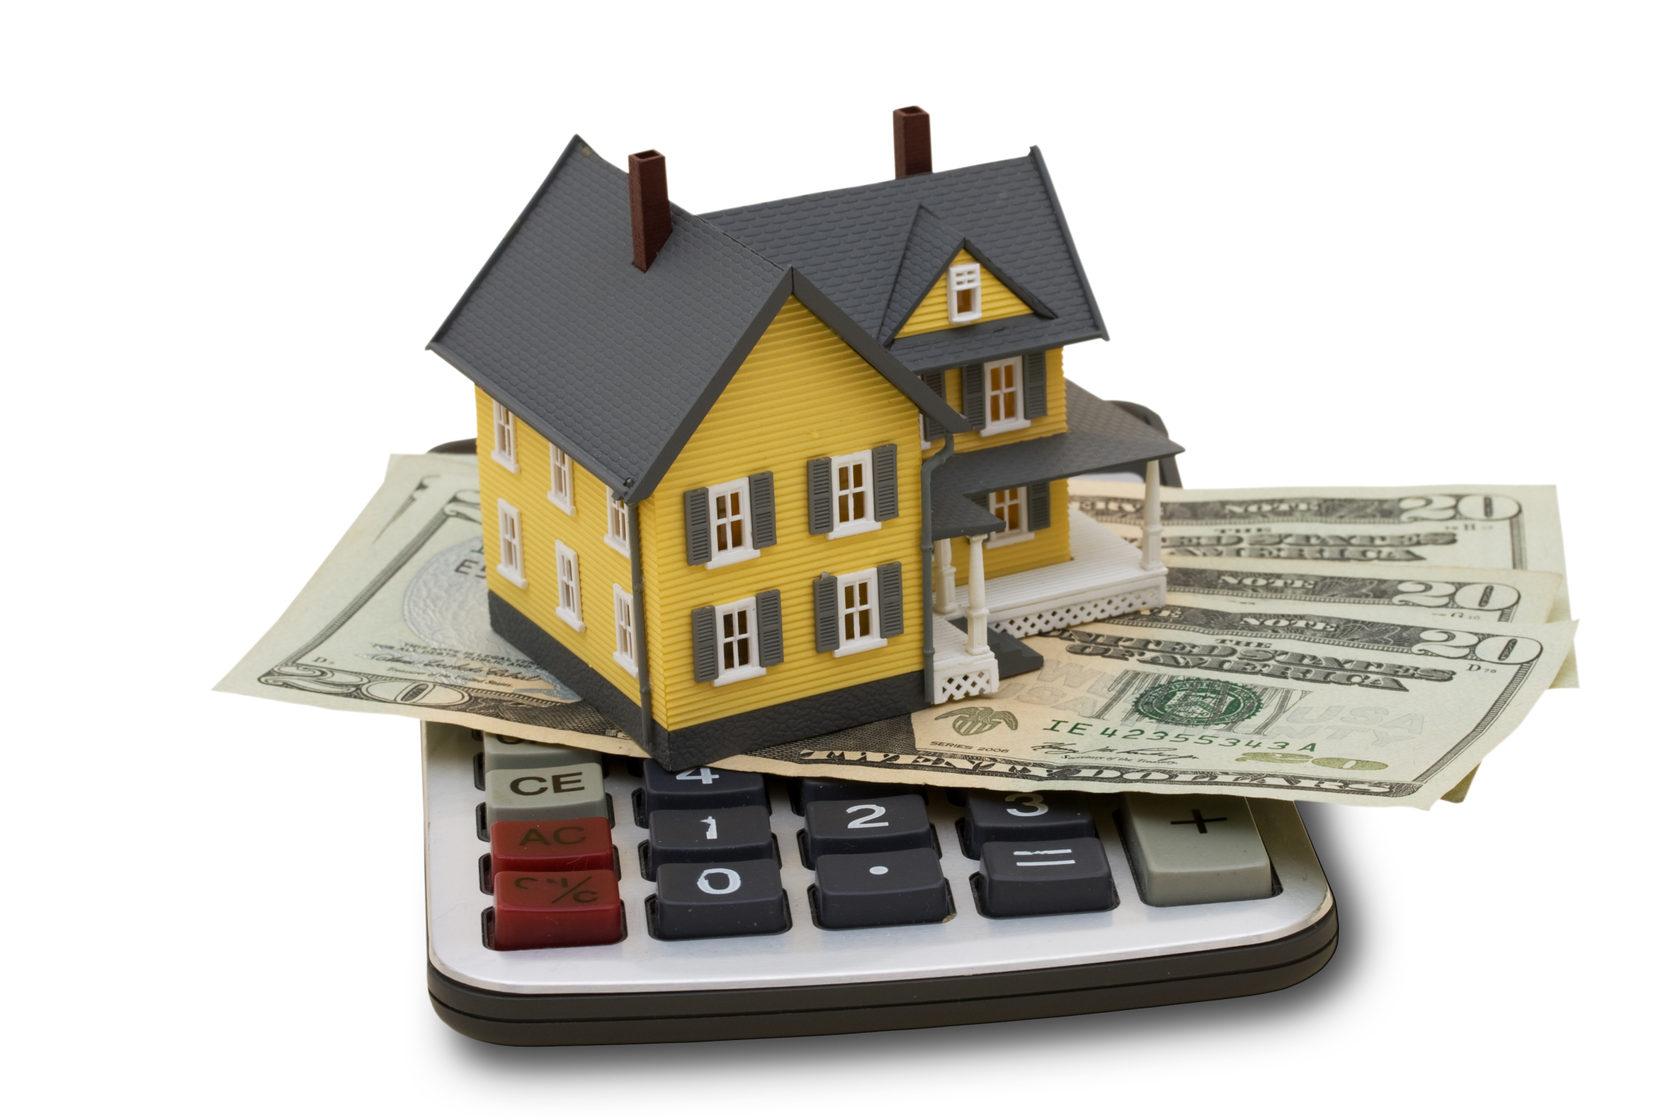 займ под залог недвижимости челябинск с плохой кредитной историей помощь в получение кредита с плохой кредитной историей красноярск